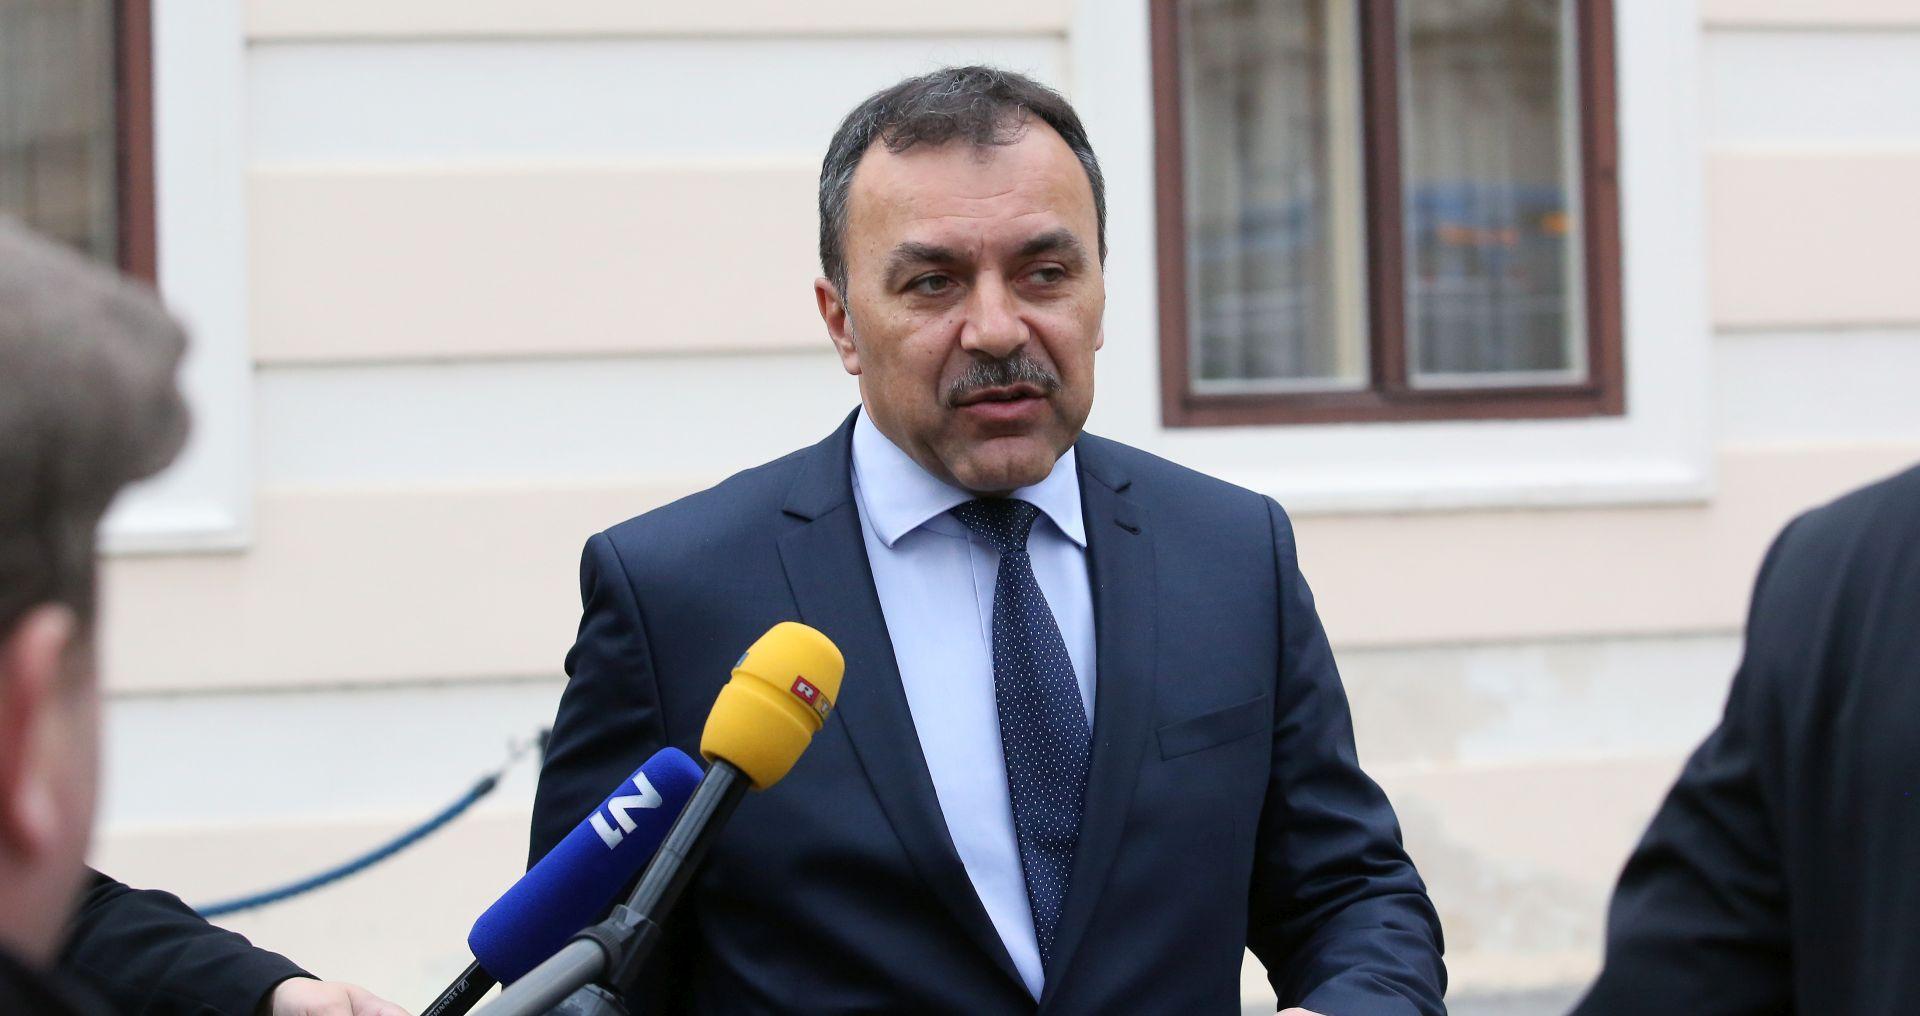 MINISTAR OREPIĆ: 'Na snazi redoviti treći stupanj povećanih mjera sigurnosti'